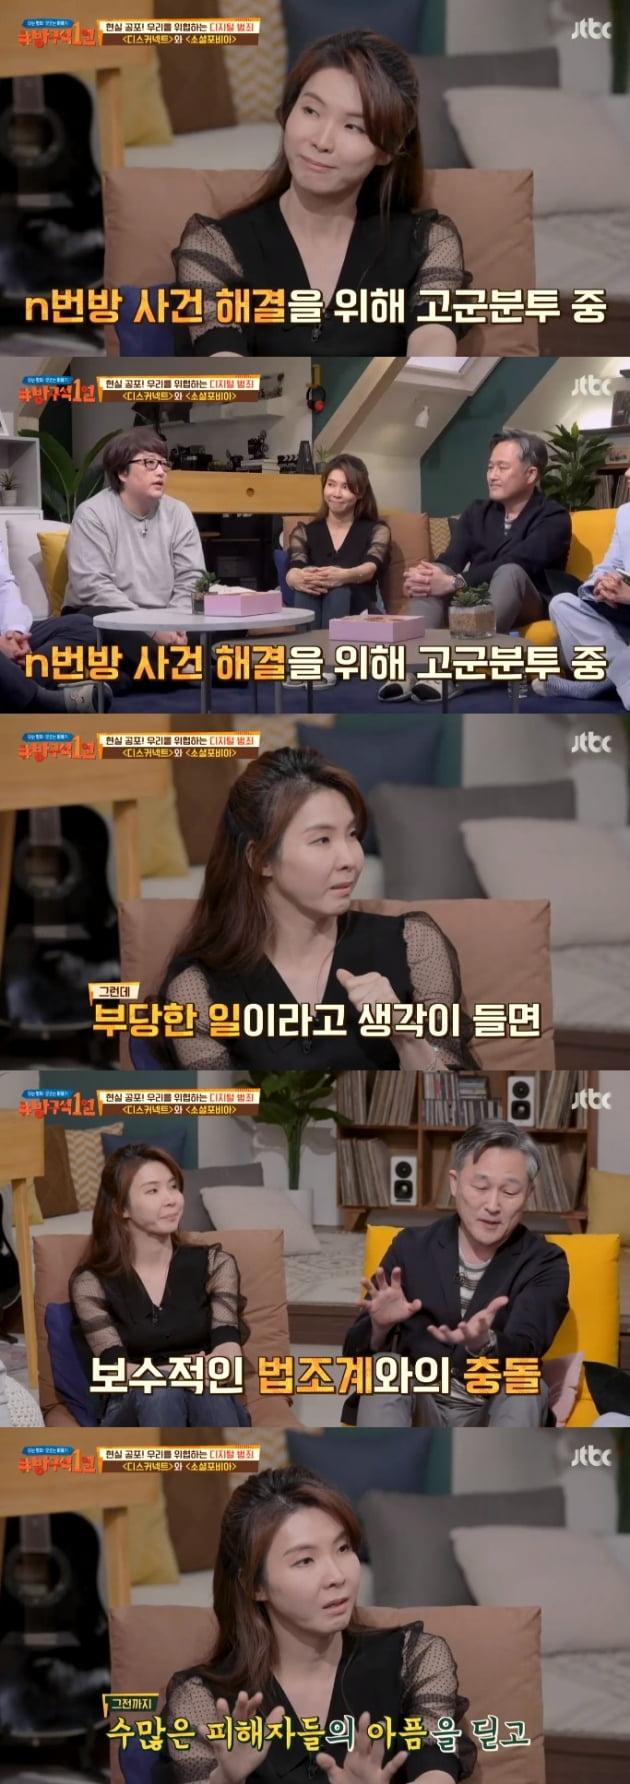 '방구석 1열' 서지현 검사 / 사진 = JTBC 영상 캡처